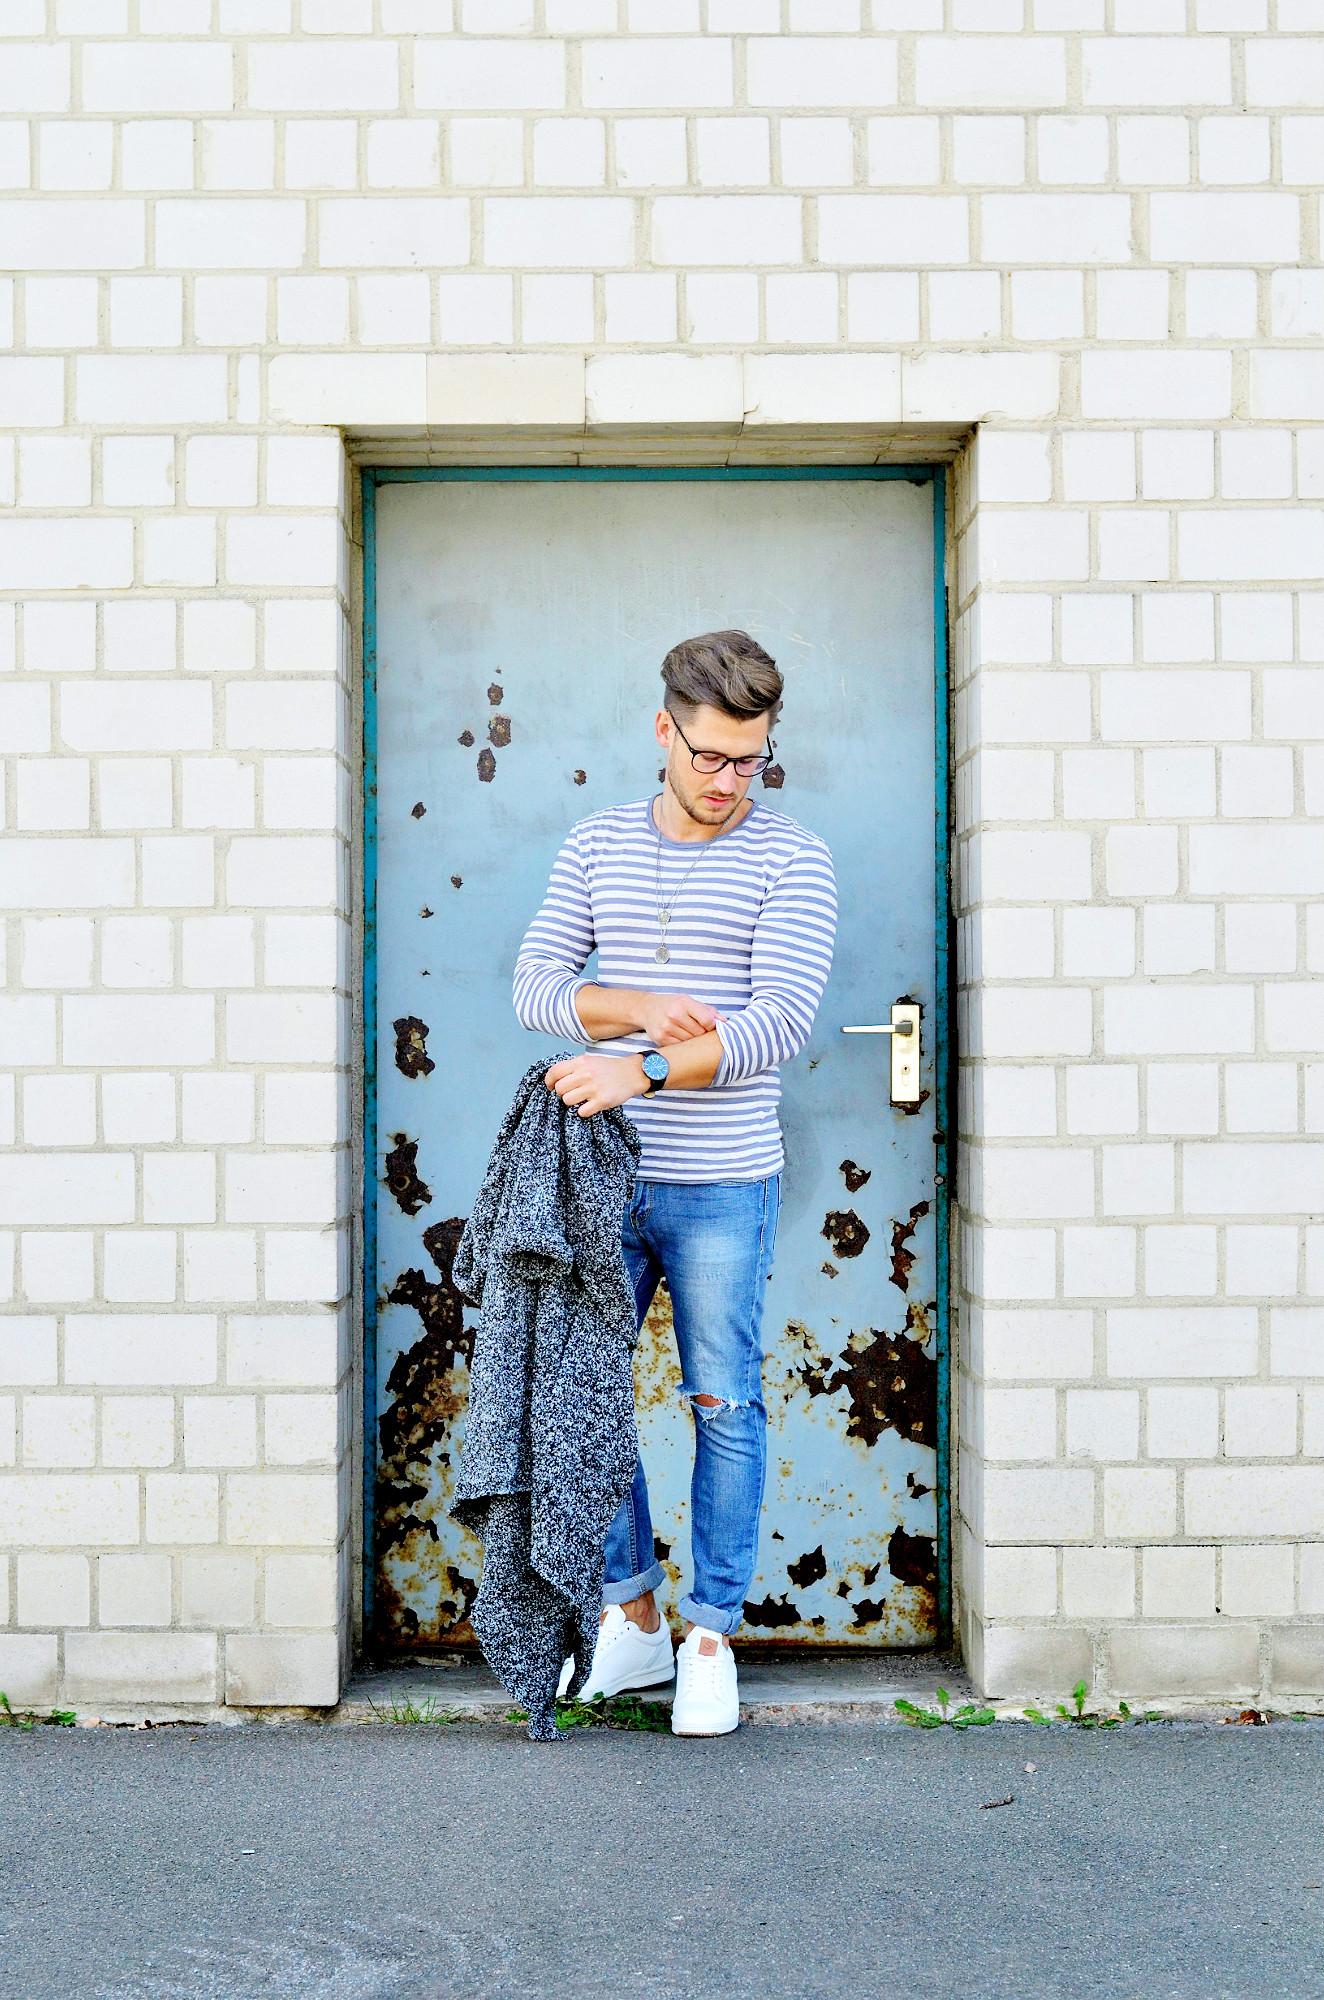 TommeezJerry-Style-Männer-Blog-Berlin-Outfit-Cardigan-Jeans-Streifenshirt-Sneaker